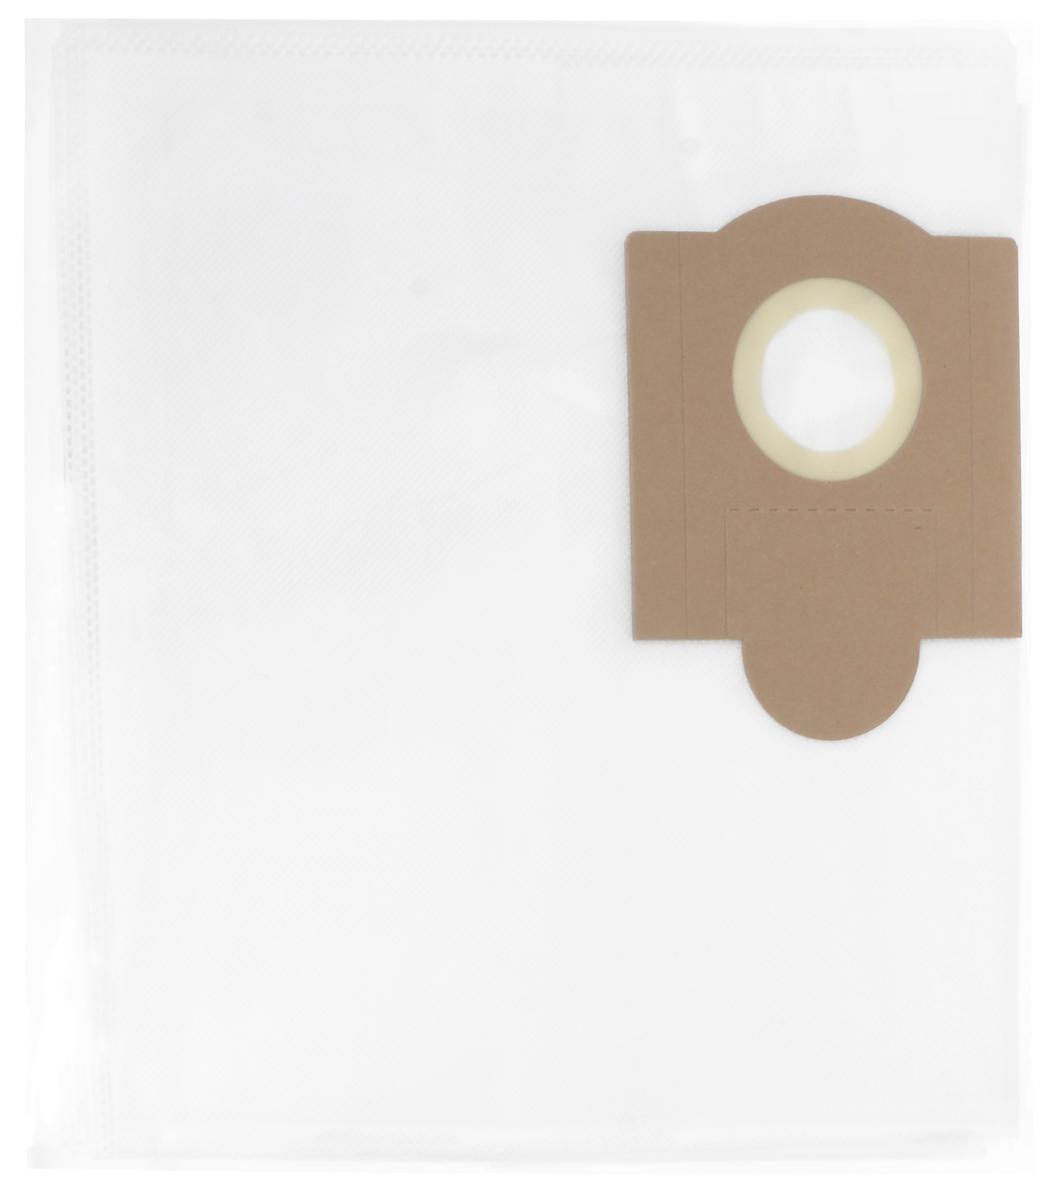 Filtero KRS 30 Pro комплект пылесборников для промышленных пылесосов, 5 штKRS 30 (5) ProМешки для промышленных пылесосов Filtero KRS 30 Pro, трехслойные, произведены из синтетического микроволокна MicroFib. Прочность синтетических мешков Filtero KRS 30 Pro превосходит любые бумажные мешки-аналоги, даже если это оригинальные бумажные мешки всемирно известных марок. Вы можете быть уверены: заклепки, гвозди, шурупы, битое стекло, острые камни и прочее не смогут прорвать мешки Filtero Pro. Мешки Filtero Pro не боятся влаги, и даже вода, попавшая в мешок, не помешает вам произвести качественную уборку! Мешки Filtero Pro предназначены для уборки пыли класса М. Подходят для следующих моделей пылесосов: BORT: BSS 1230 HITACHI: WDE 3600 KRESS: 1200 NTX EA NTS 1100